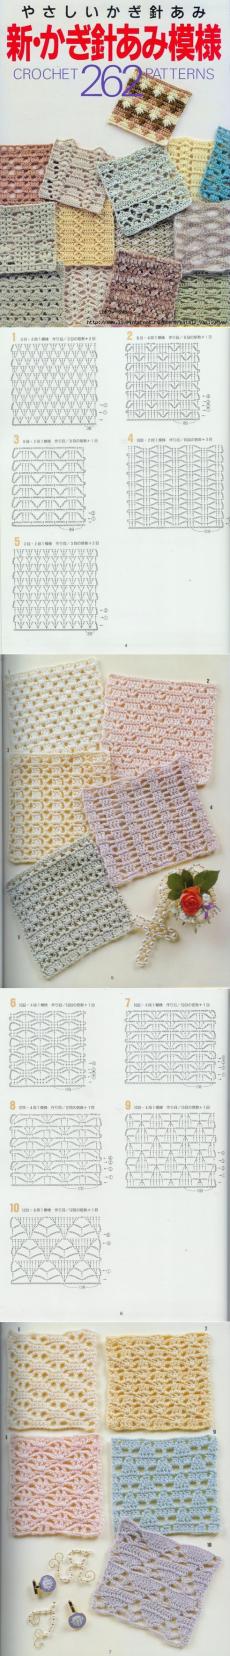 Альбом «262 Crochet Patterns»/япония Год: 1997-узоры крючком/